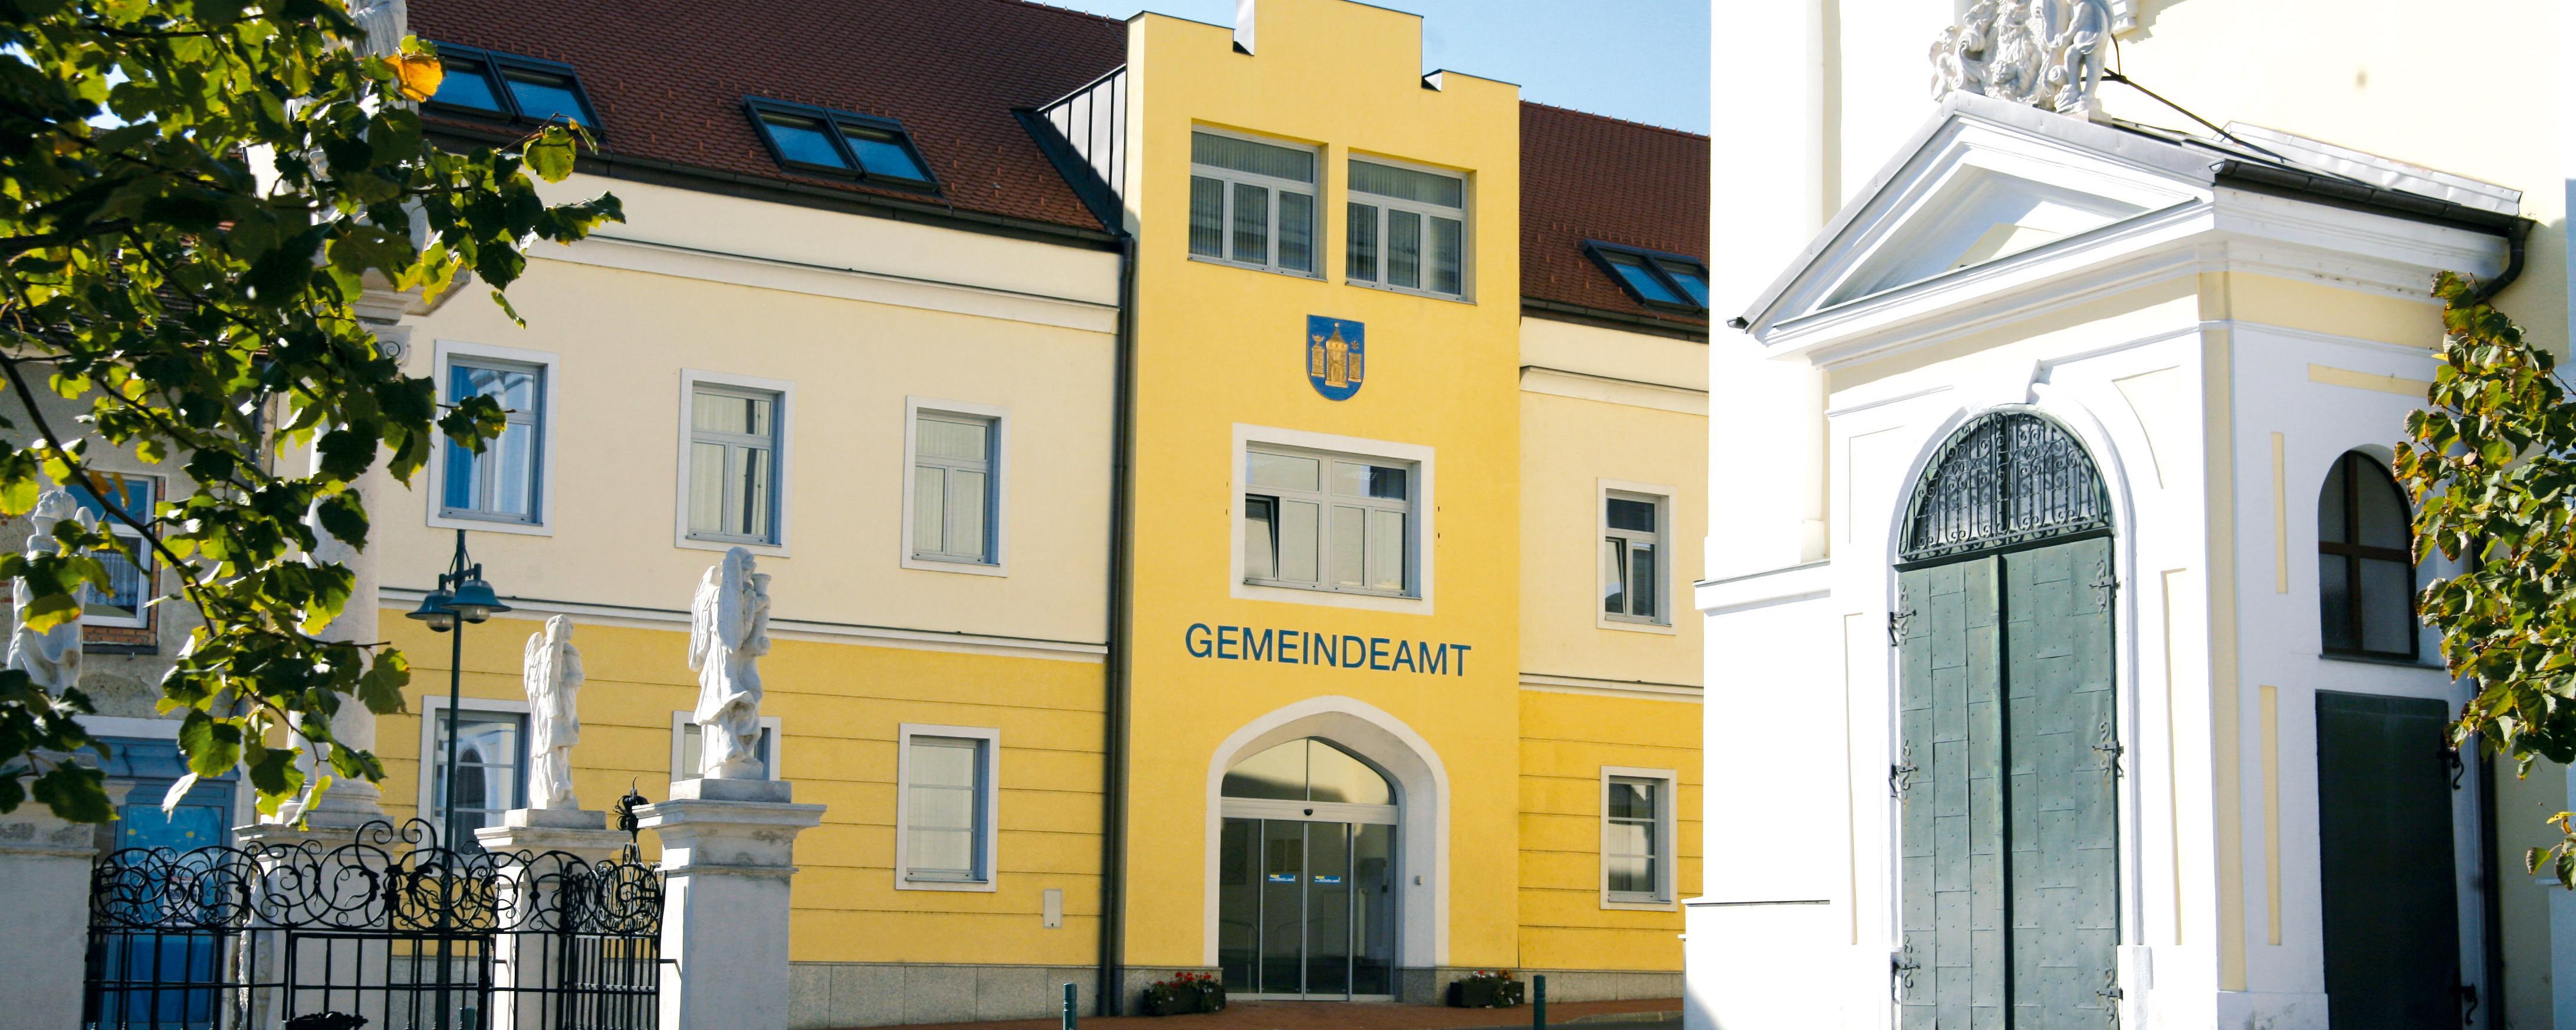 Gemeindeamt Rechnitz, Südburgenland